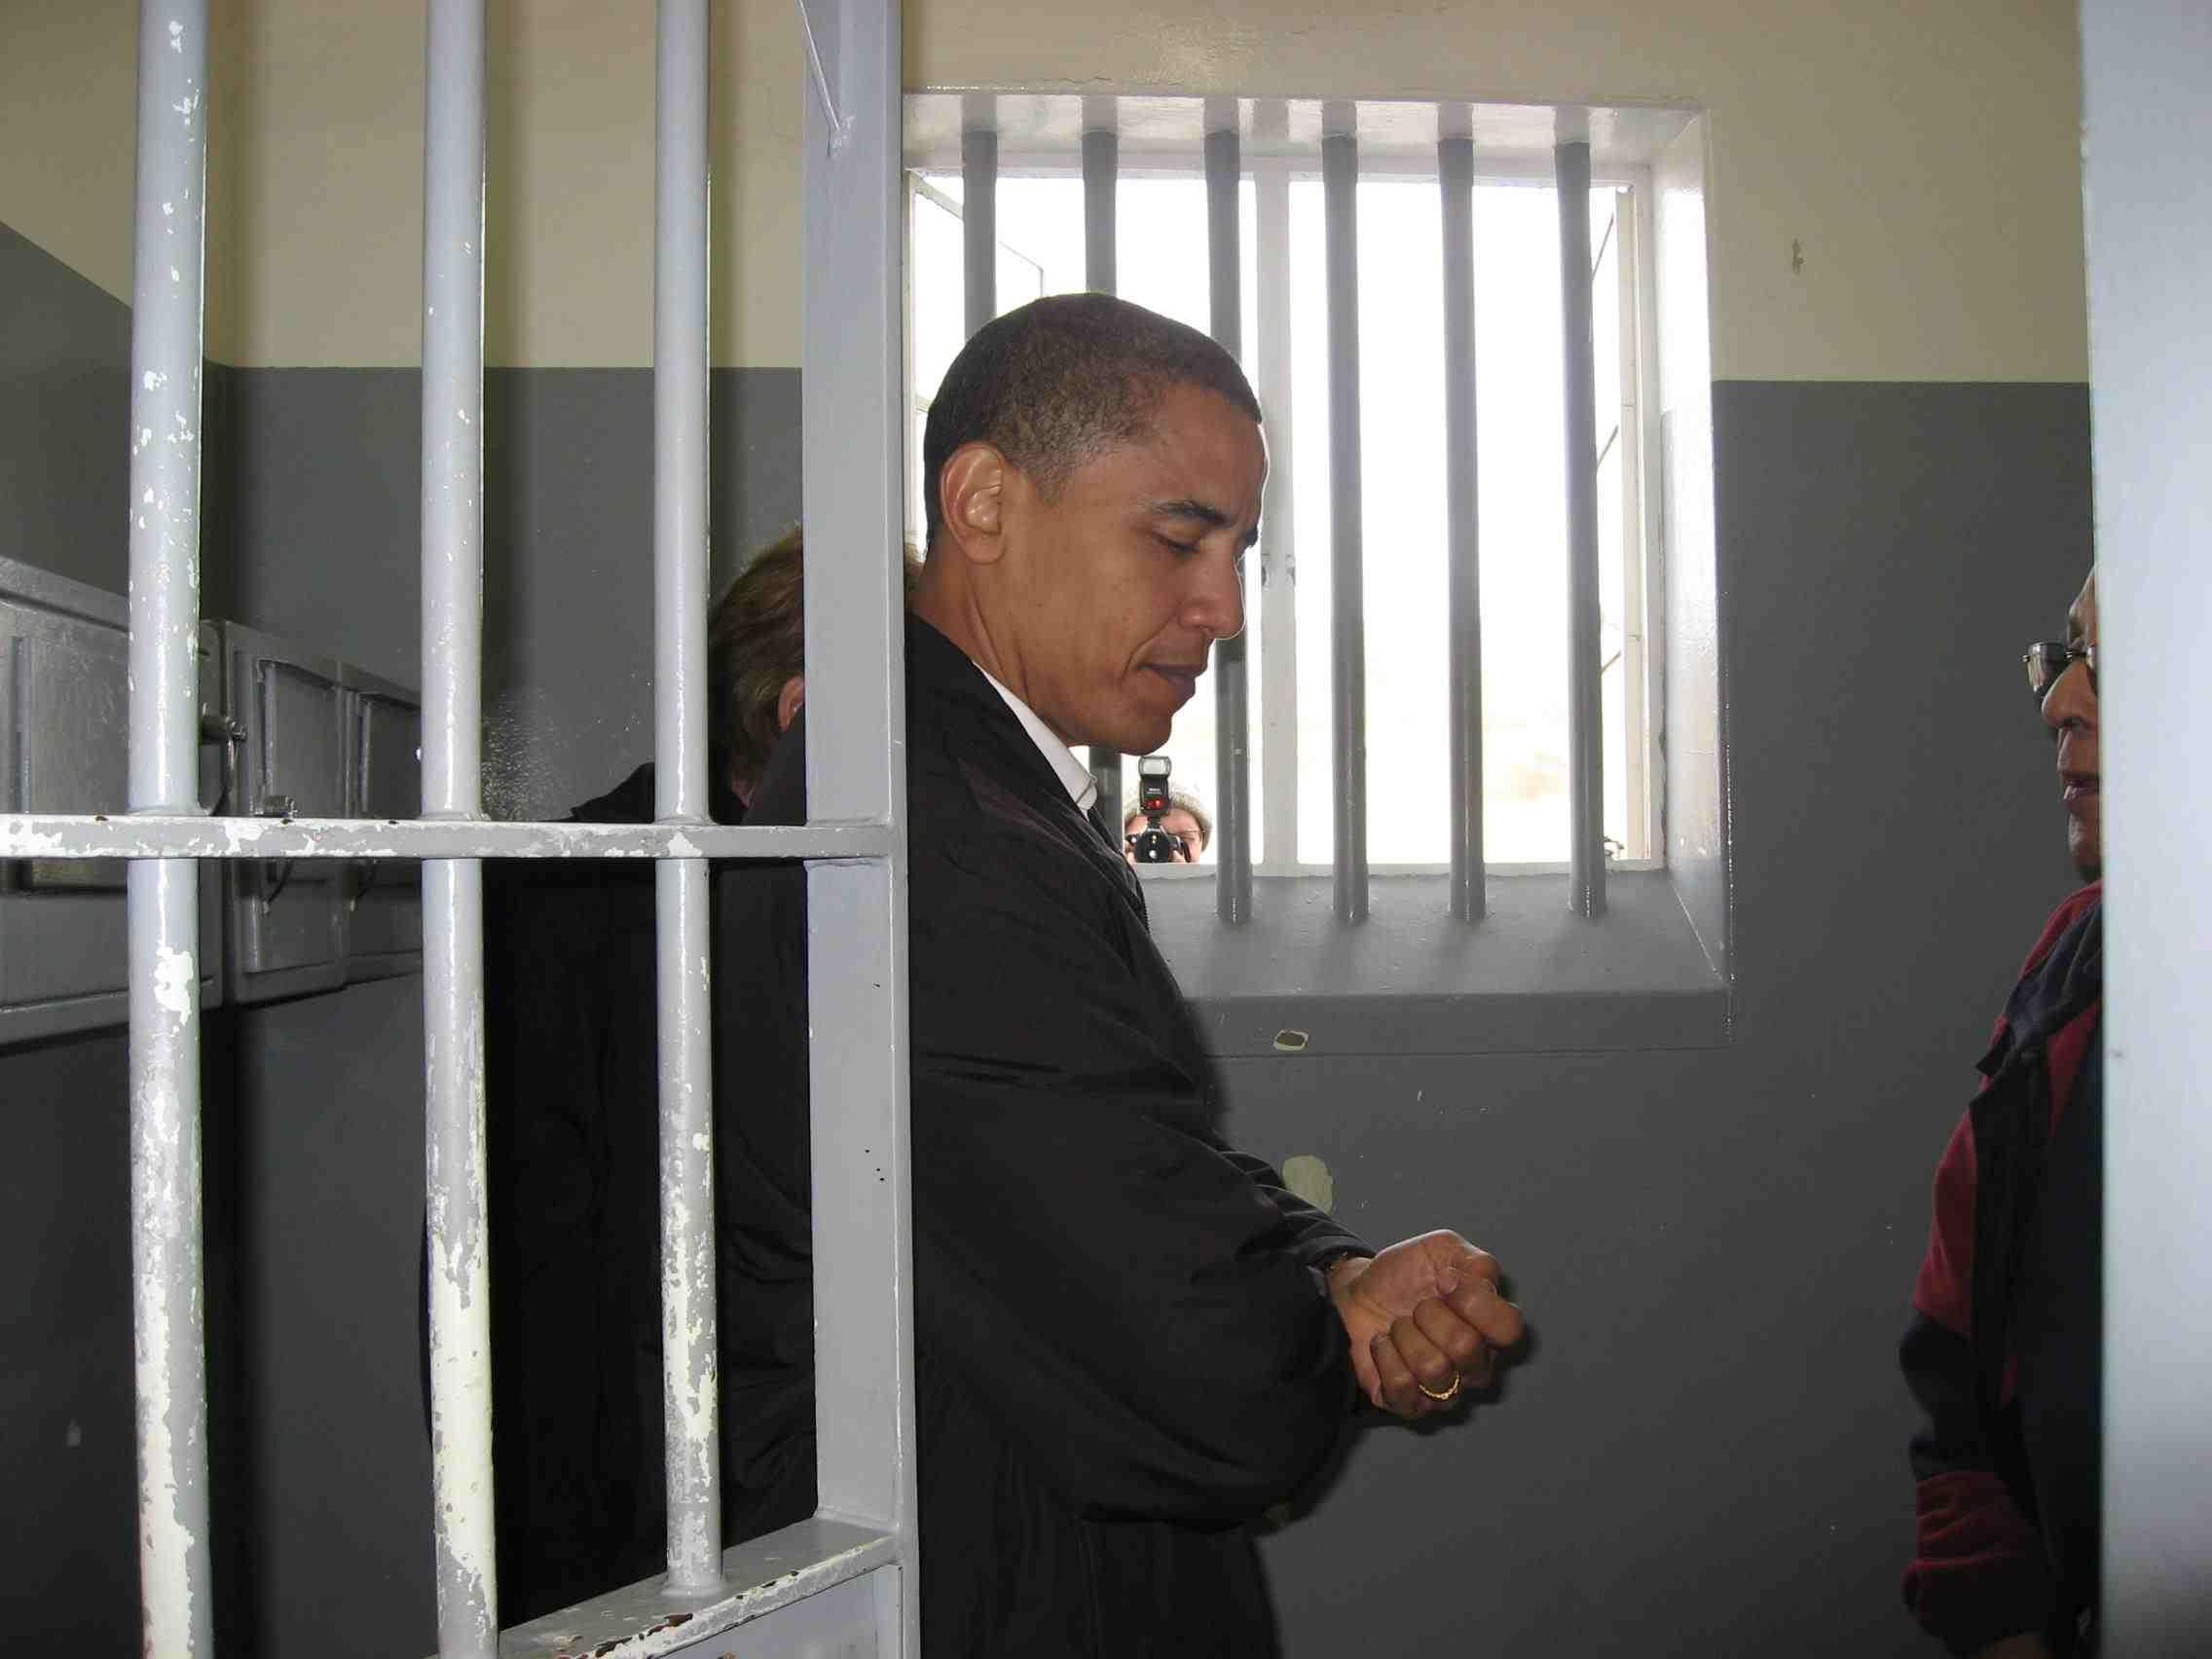 beste idee euml n over federal prison inmate locator op 17 beste ideeeumln over federal prison inmate locator op genealogie afkomst en genealogie organisatie